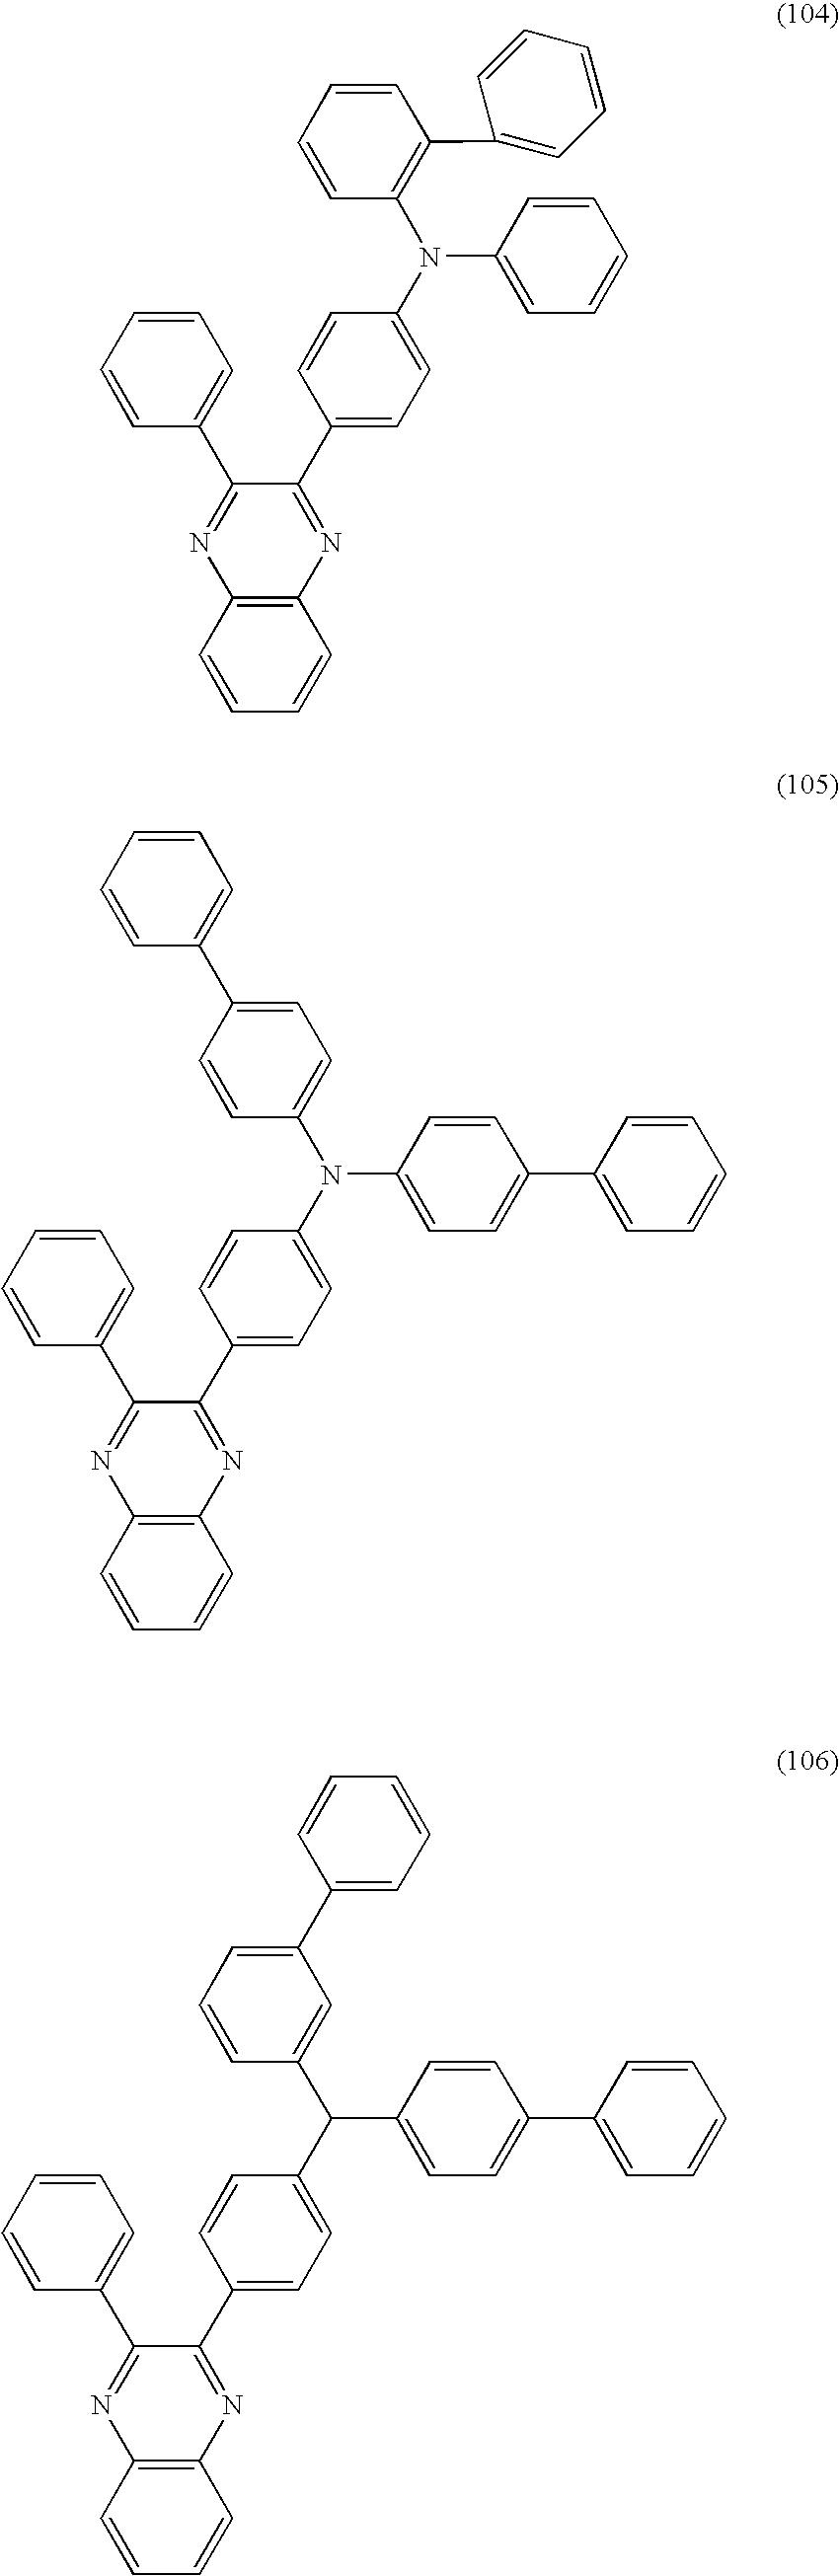 Figure US08178216-20120515-C00037